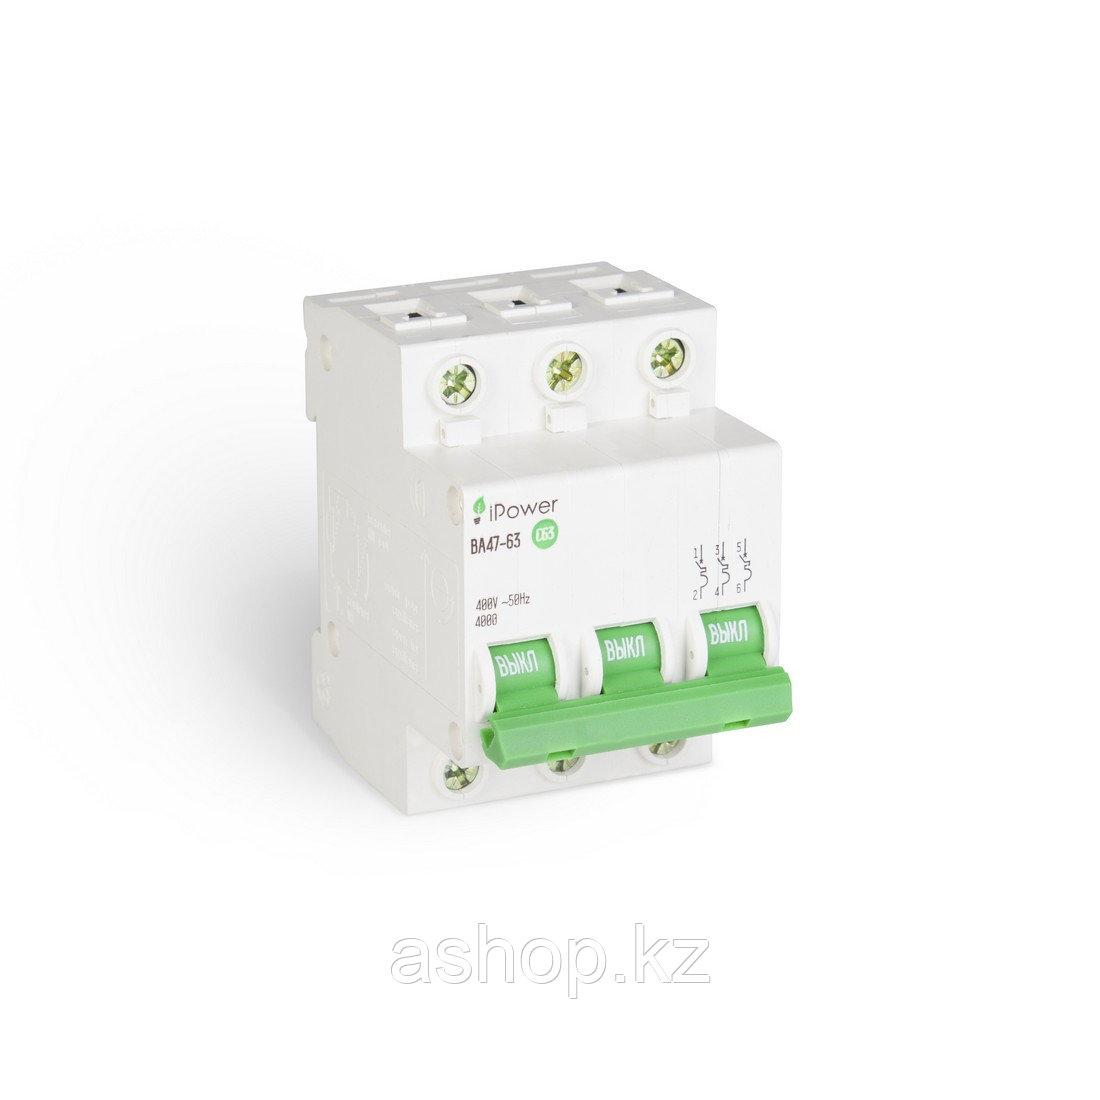 Автоматический выключатель реечный iPower ВА47-63 3P 40А, 230/400 В, Кол-во полюсов: 3, Предел отключения: 4,5